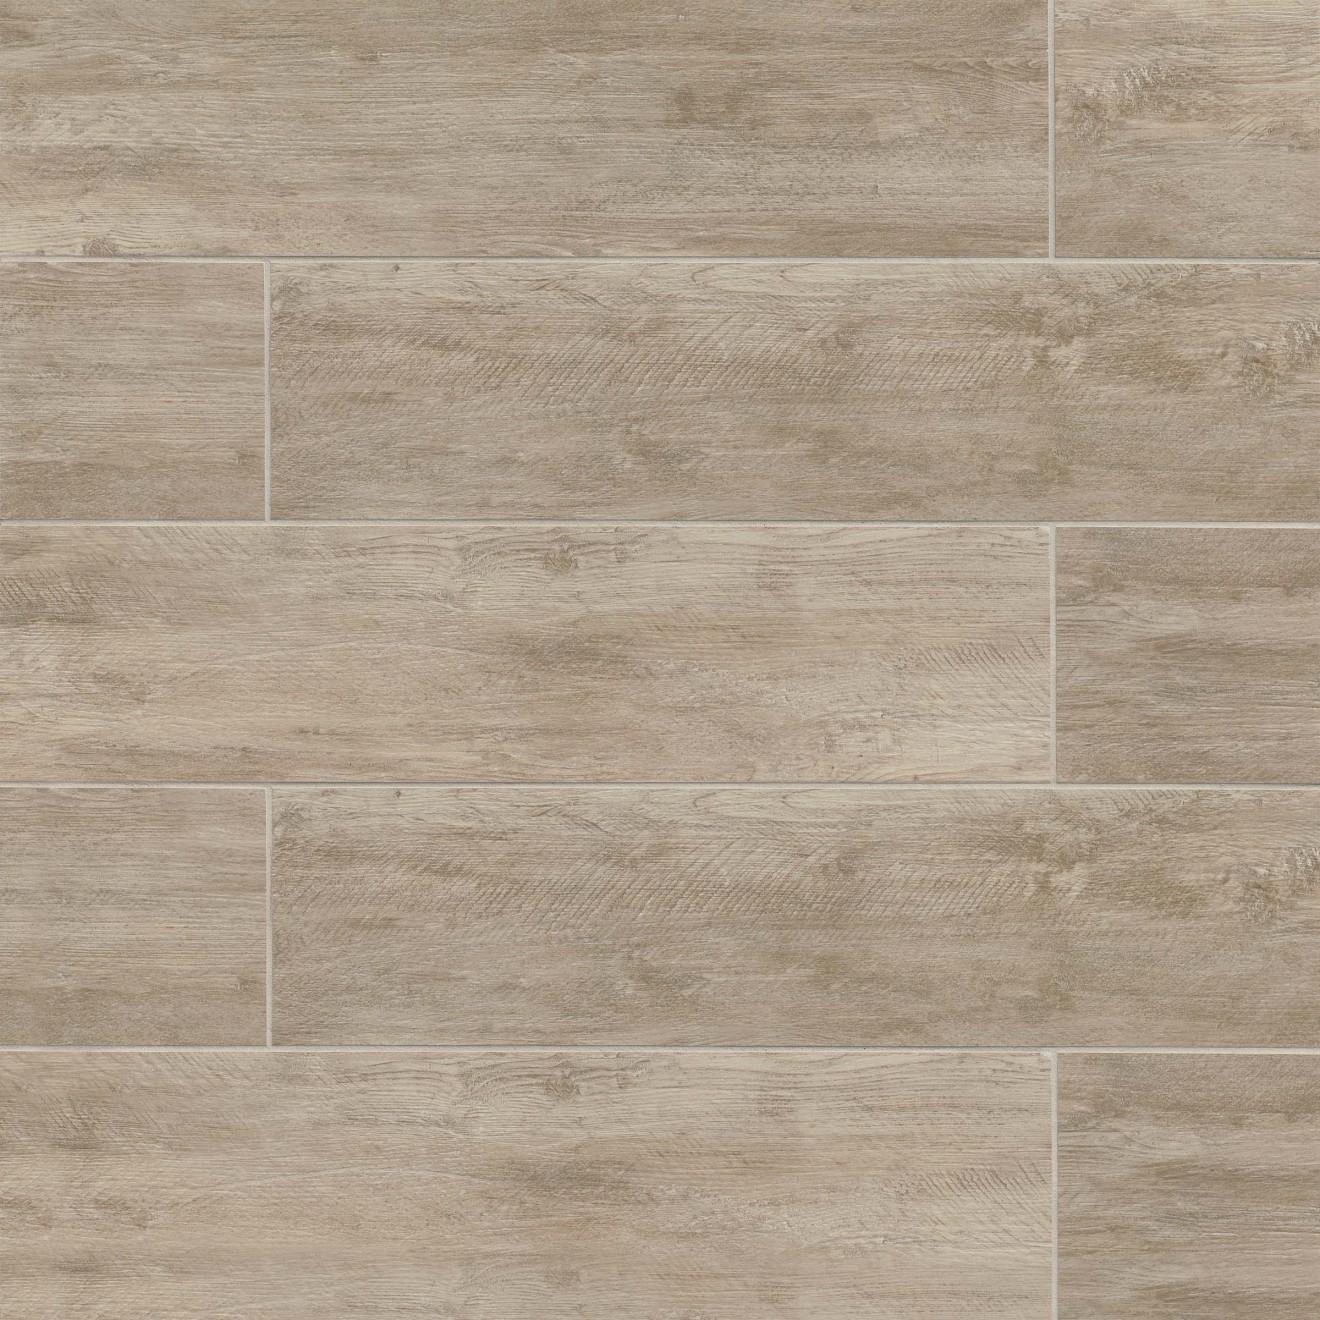 River Wood 8 X 24 Floor Wall Tile In Oak